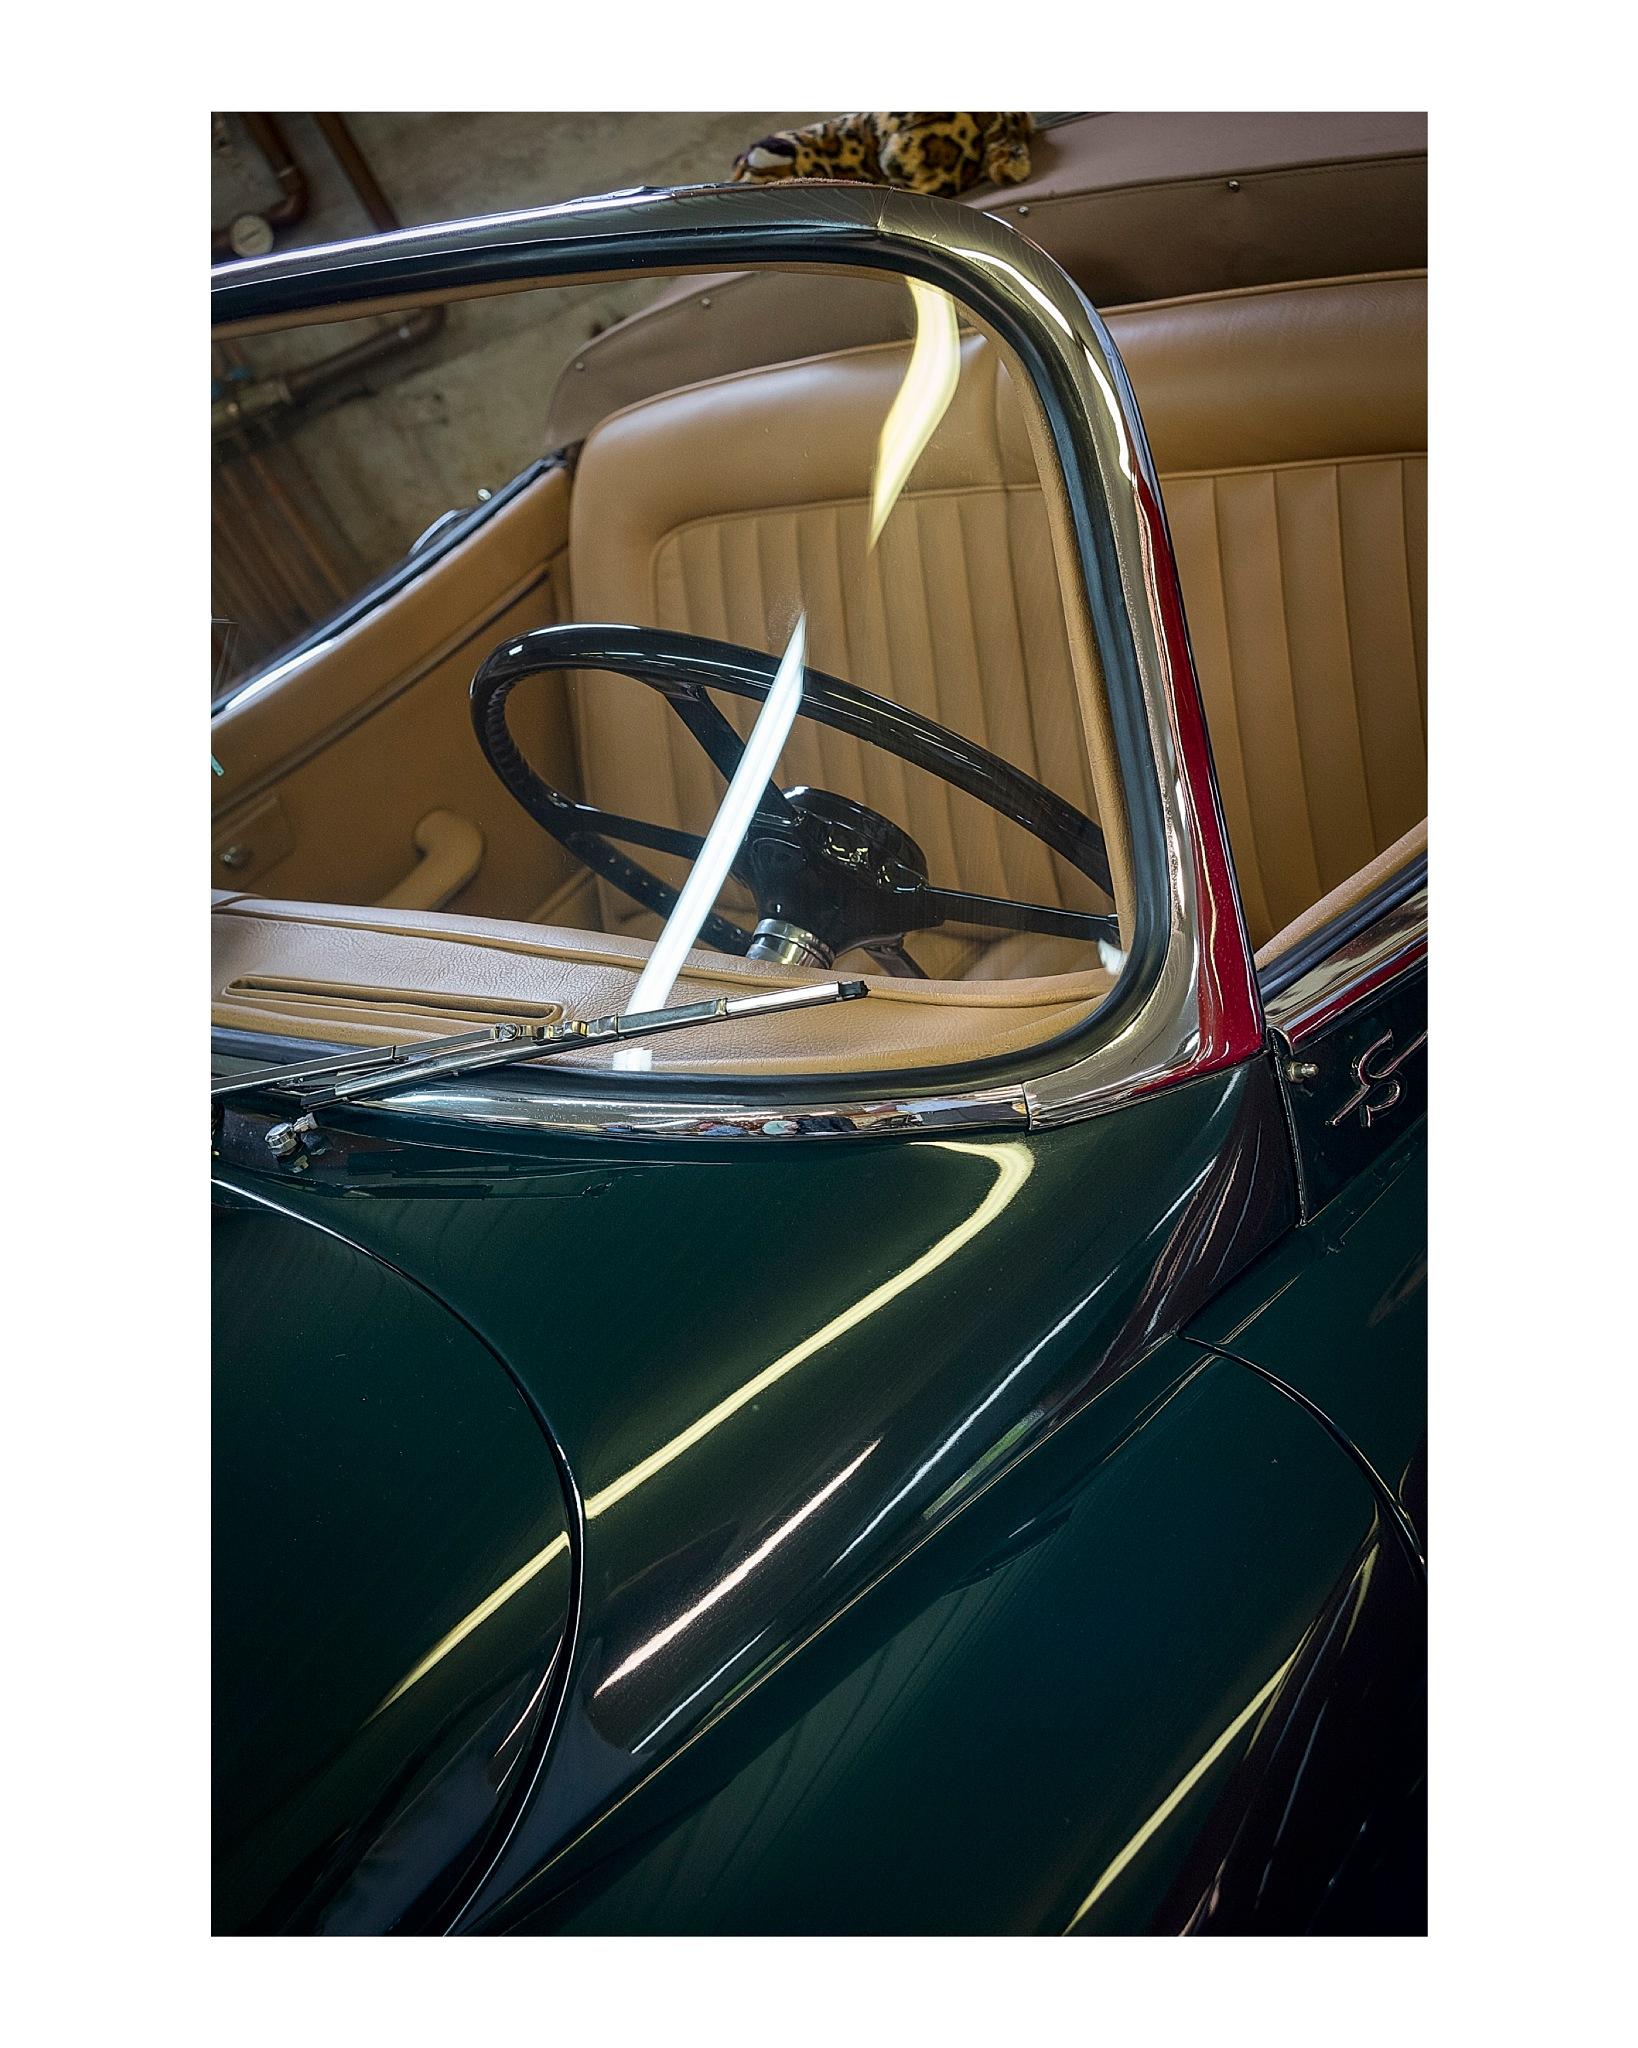 1959 Jaguar XK 150 S Roadster in British Racing Green by jhulton